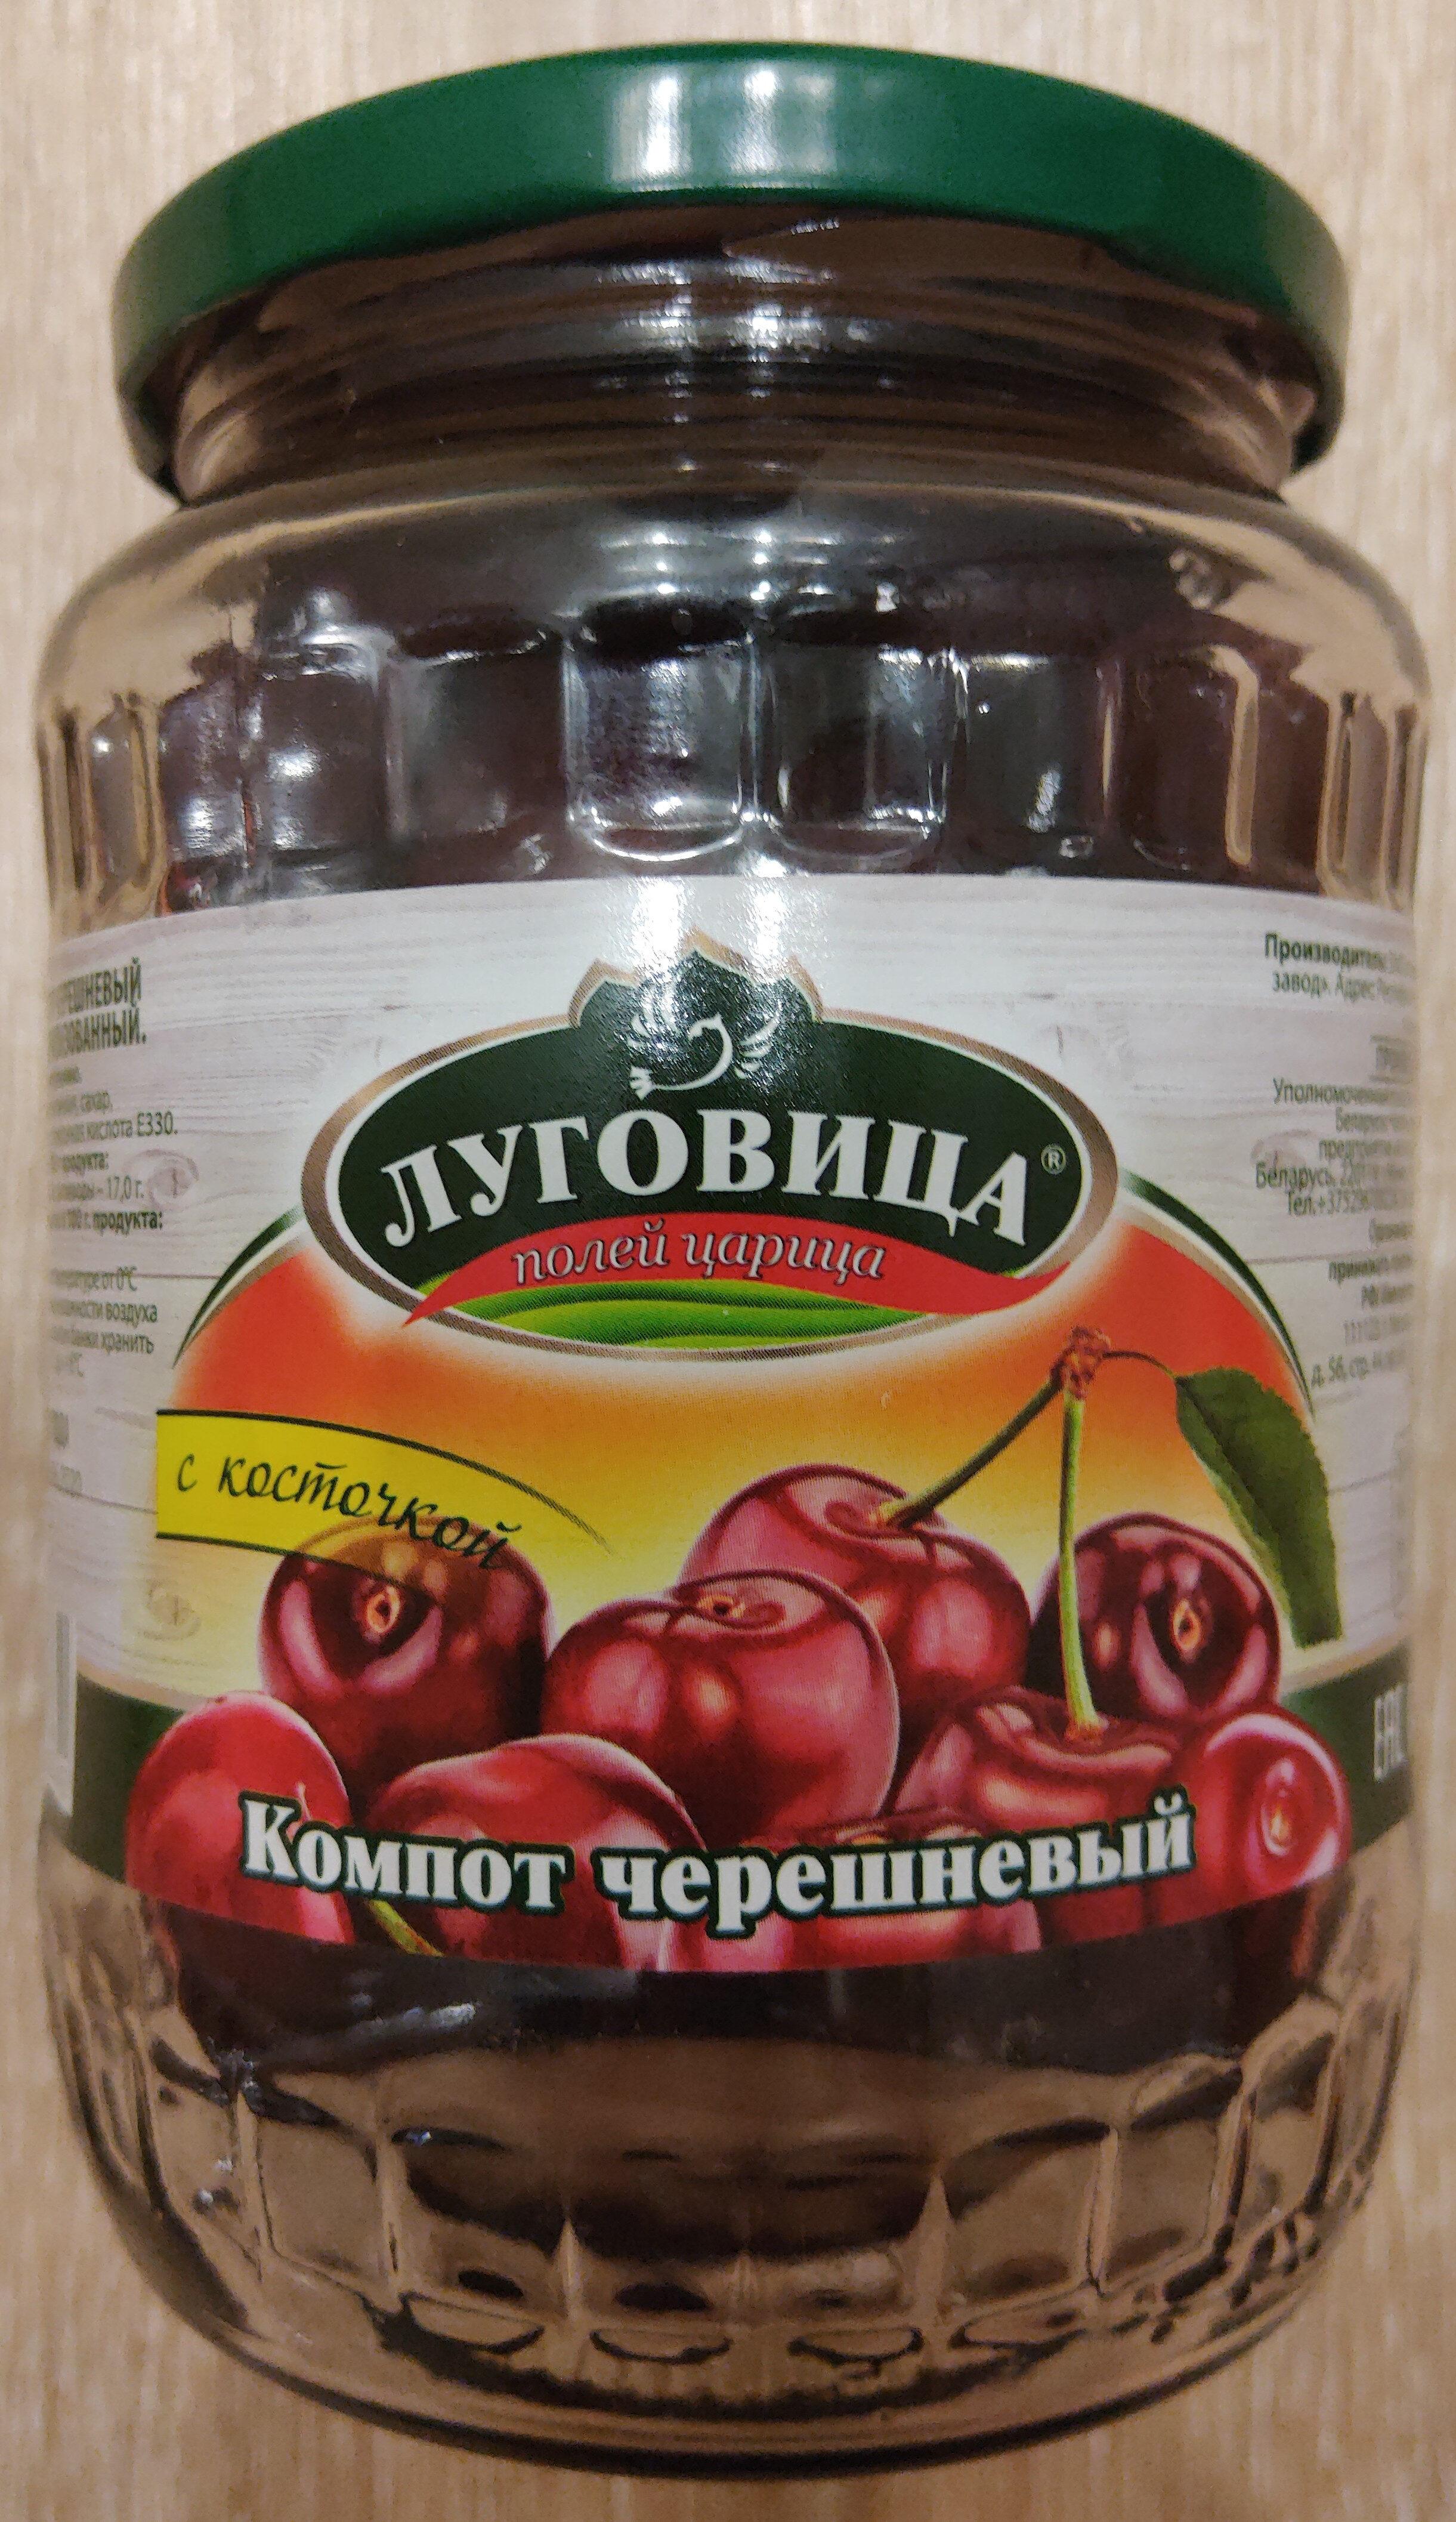 Компот черешневый с косточкой - Продукт - ru